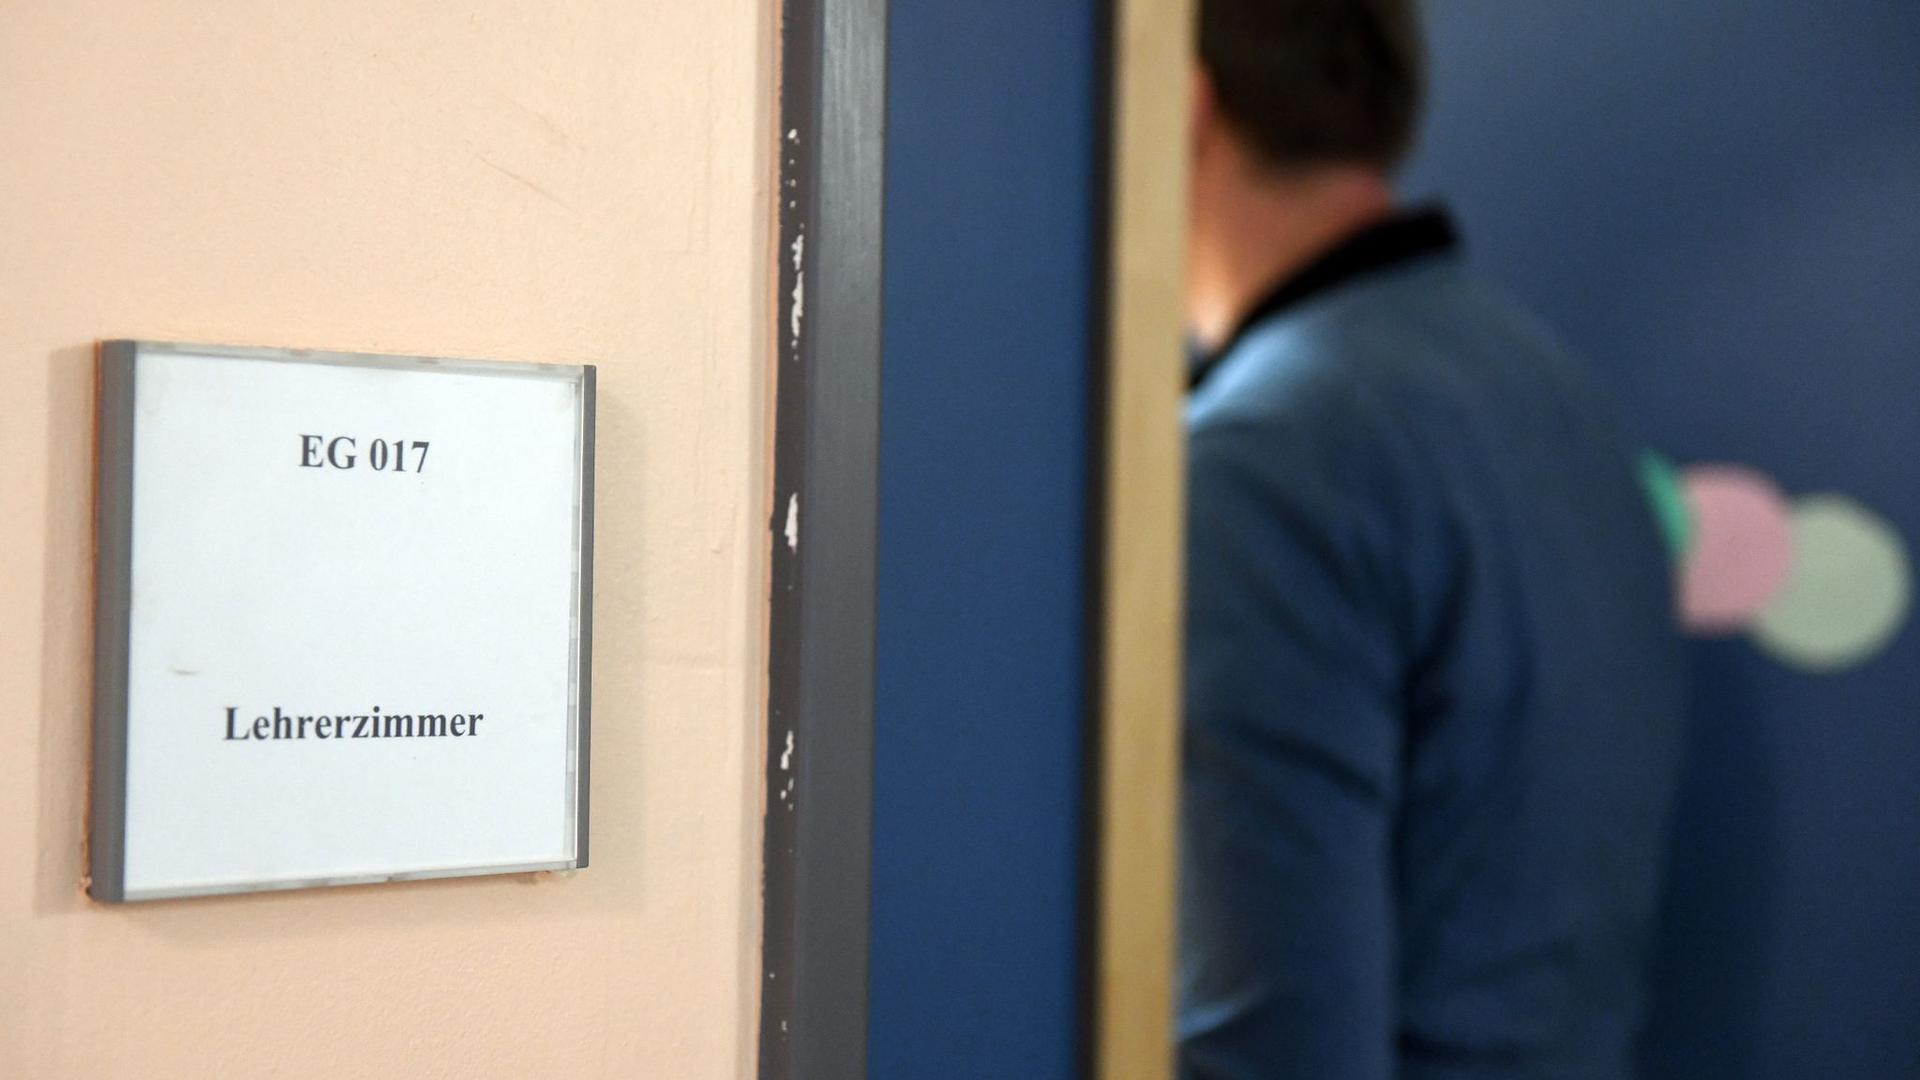 Mehr Schulleitungen berichten von Übergriffen auf das Lehrpersonal.